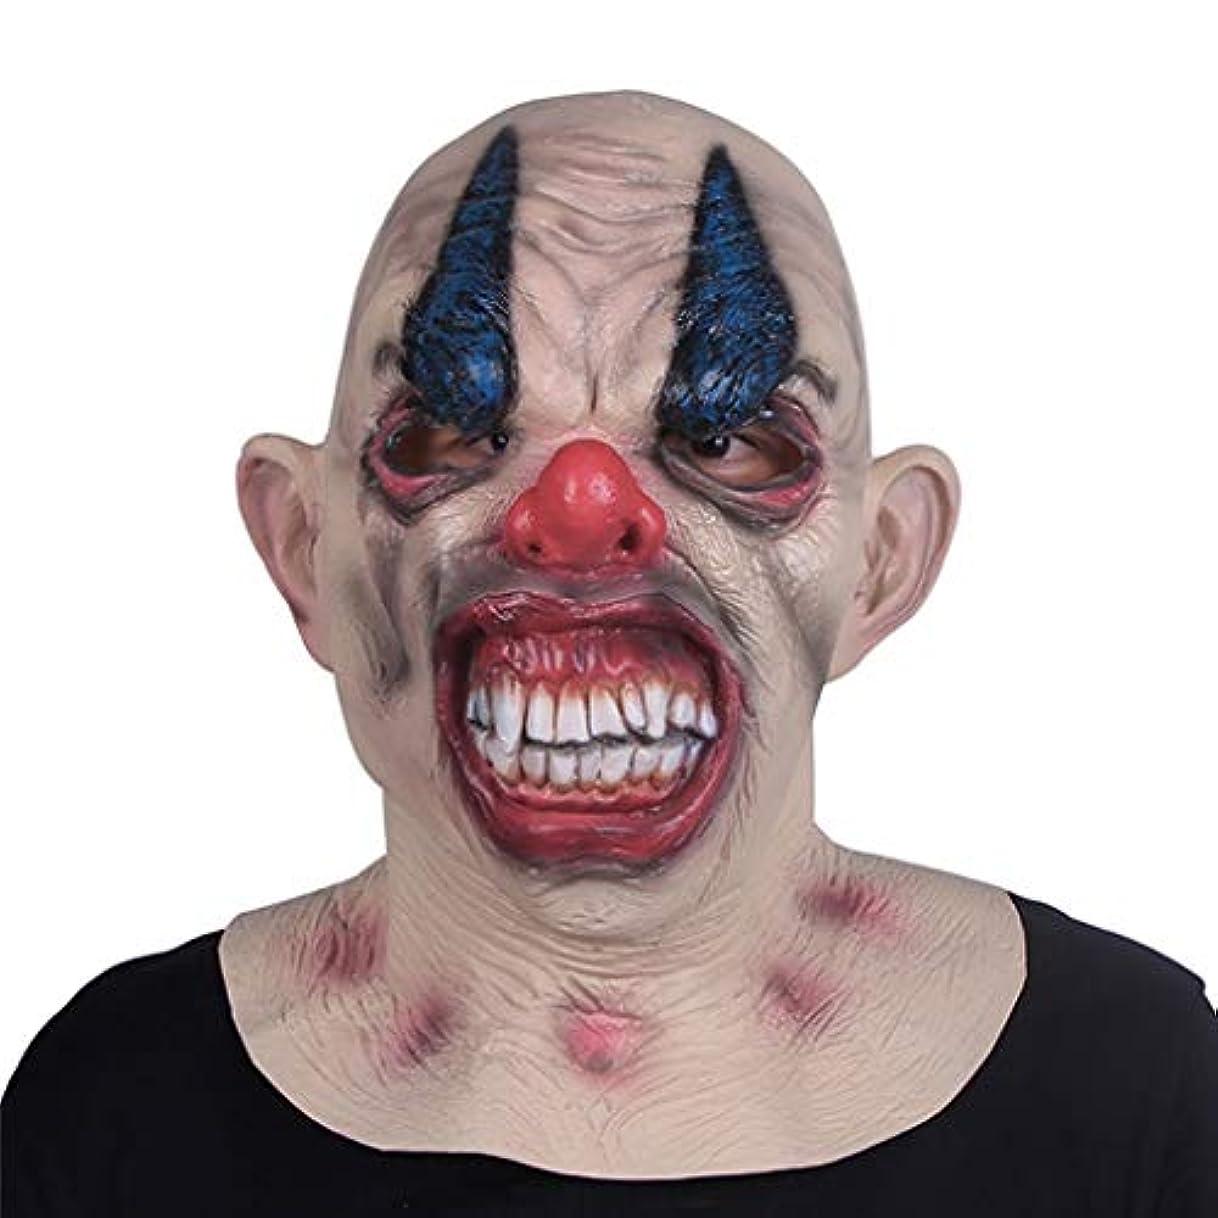 騒乱リージュニアハロウィンホラーマスク成人男性フルフェイス怖いラテックスヘッドセットハロウィン東京グールマスクゴーストフェイスデビル (Color : A)